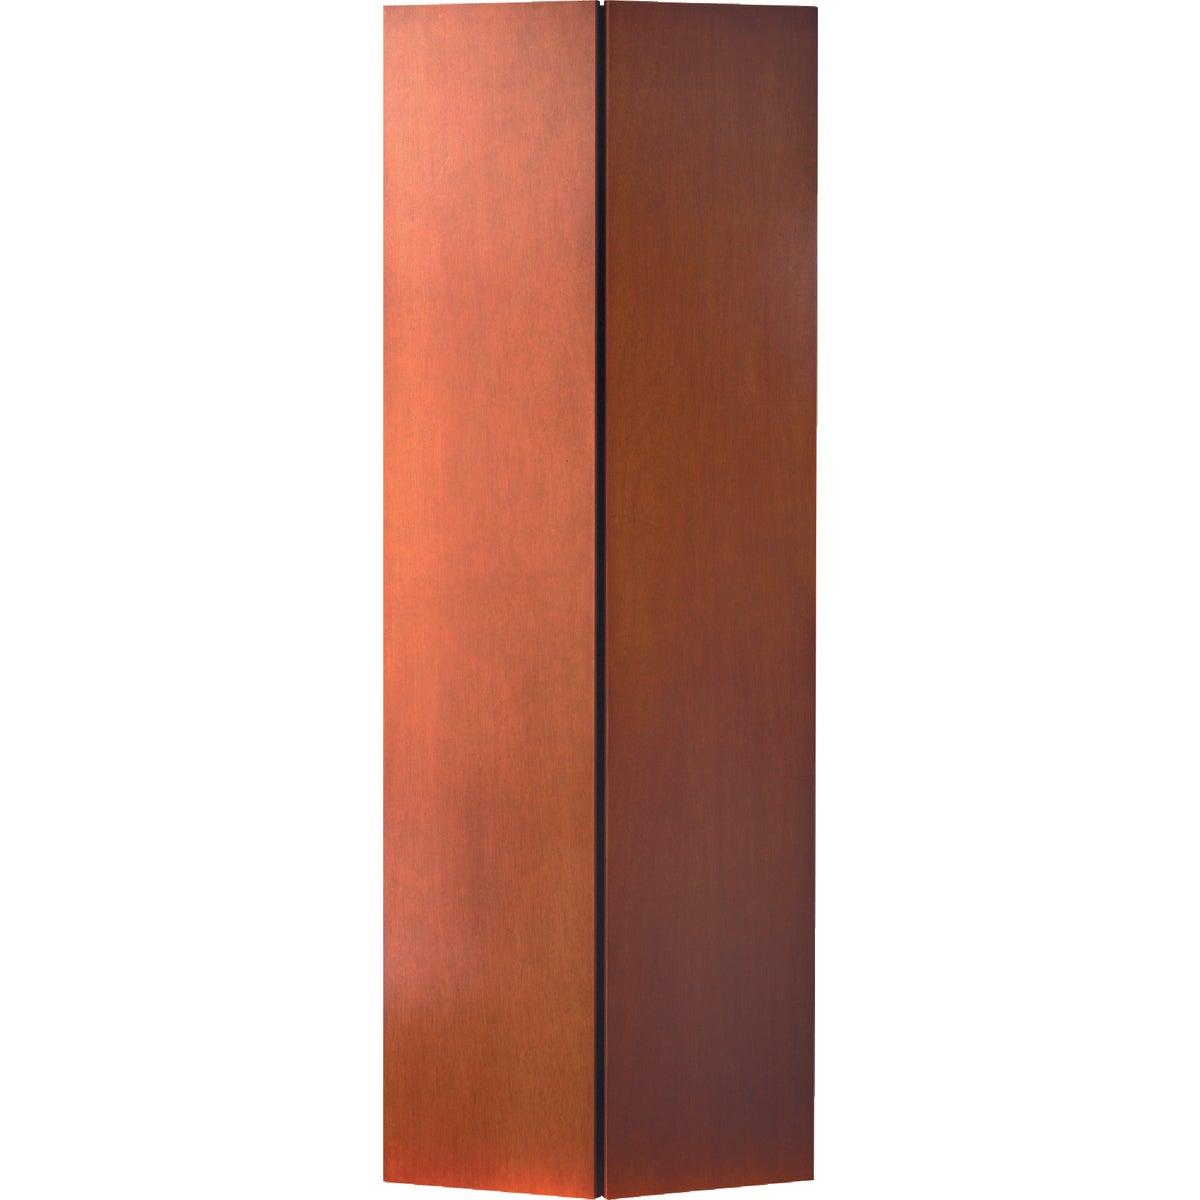 3/0 1-3/8 Luan Bfld Door